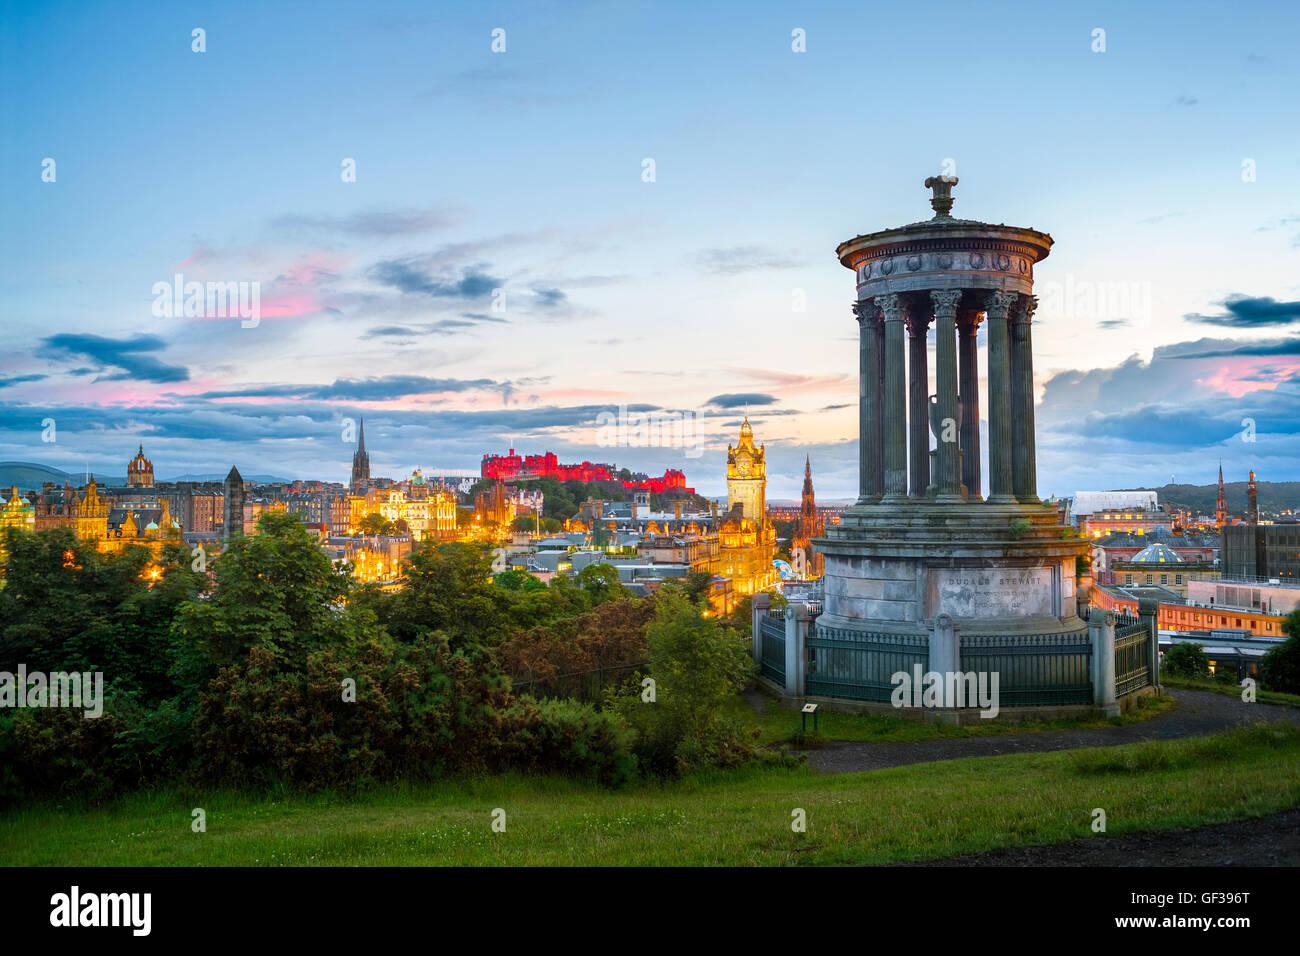 Edinburgh Skyline de Canton Hill avec le Château d'Édimbourg et de la vieille ville au coucher du soleil en été. Banque D'Images